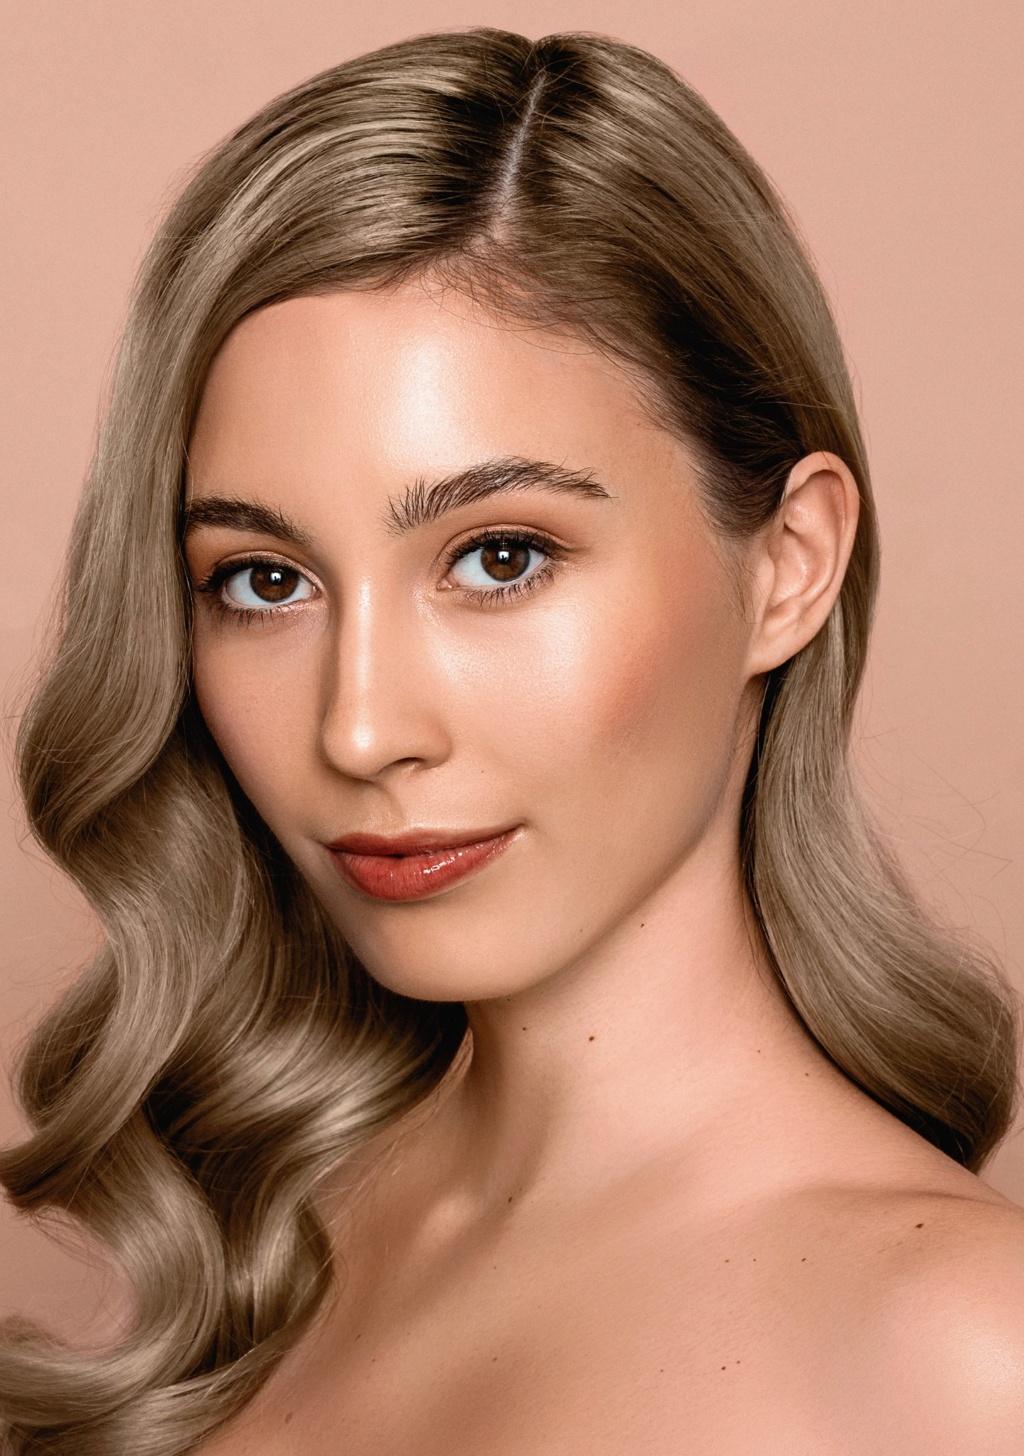 Miss Slovensko 2019 is Frederika Kurtulikova - Page 2 51419412